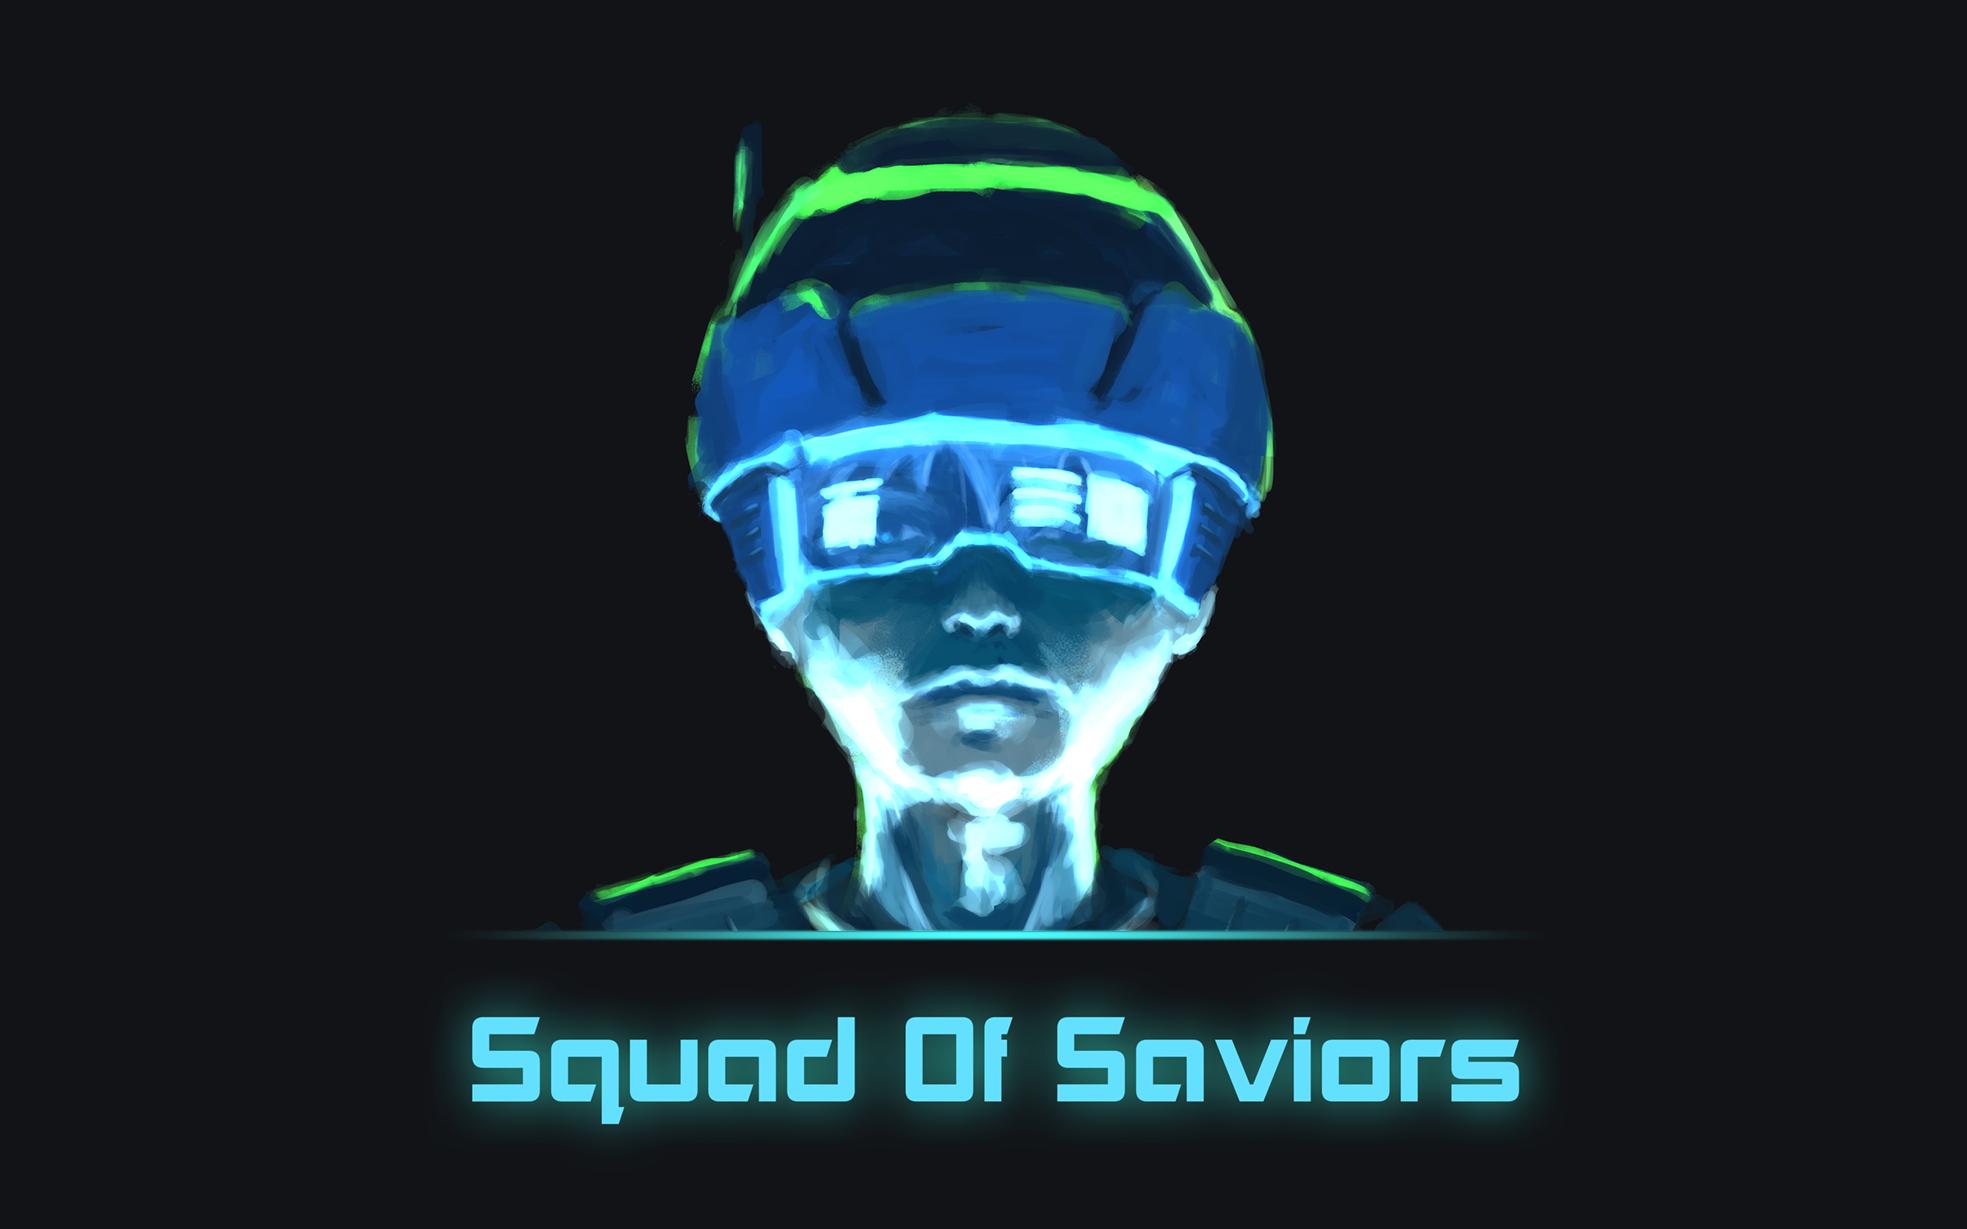 拯救世界特别小队:作者自己说很好玩,我也觉得还行